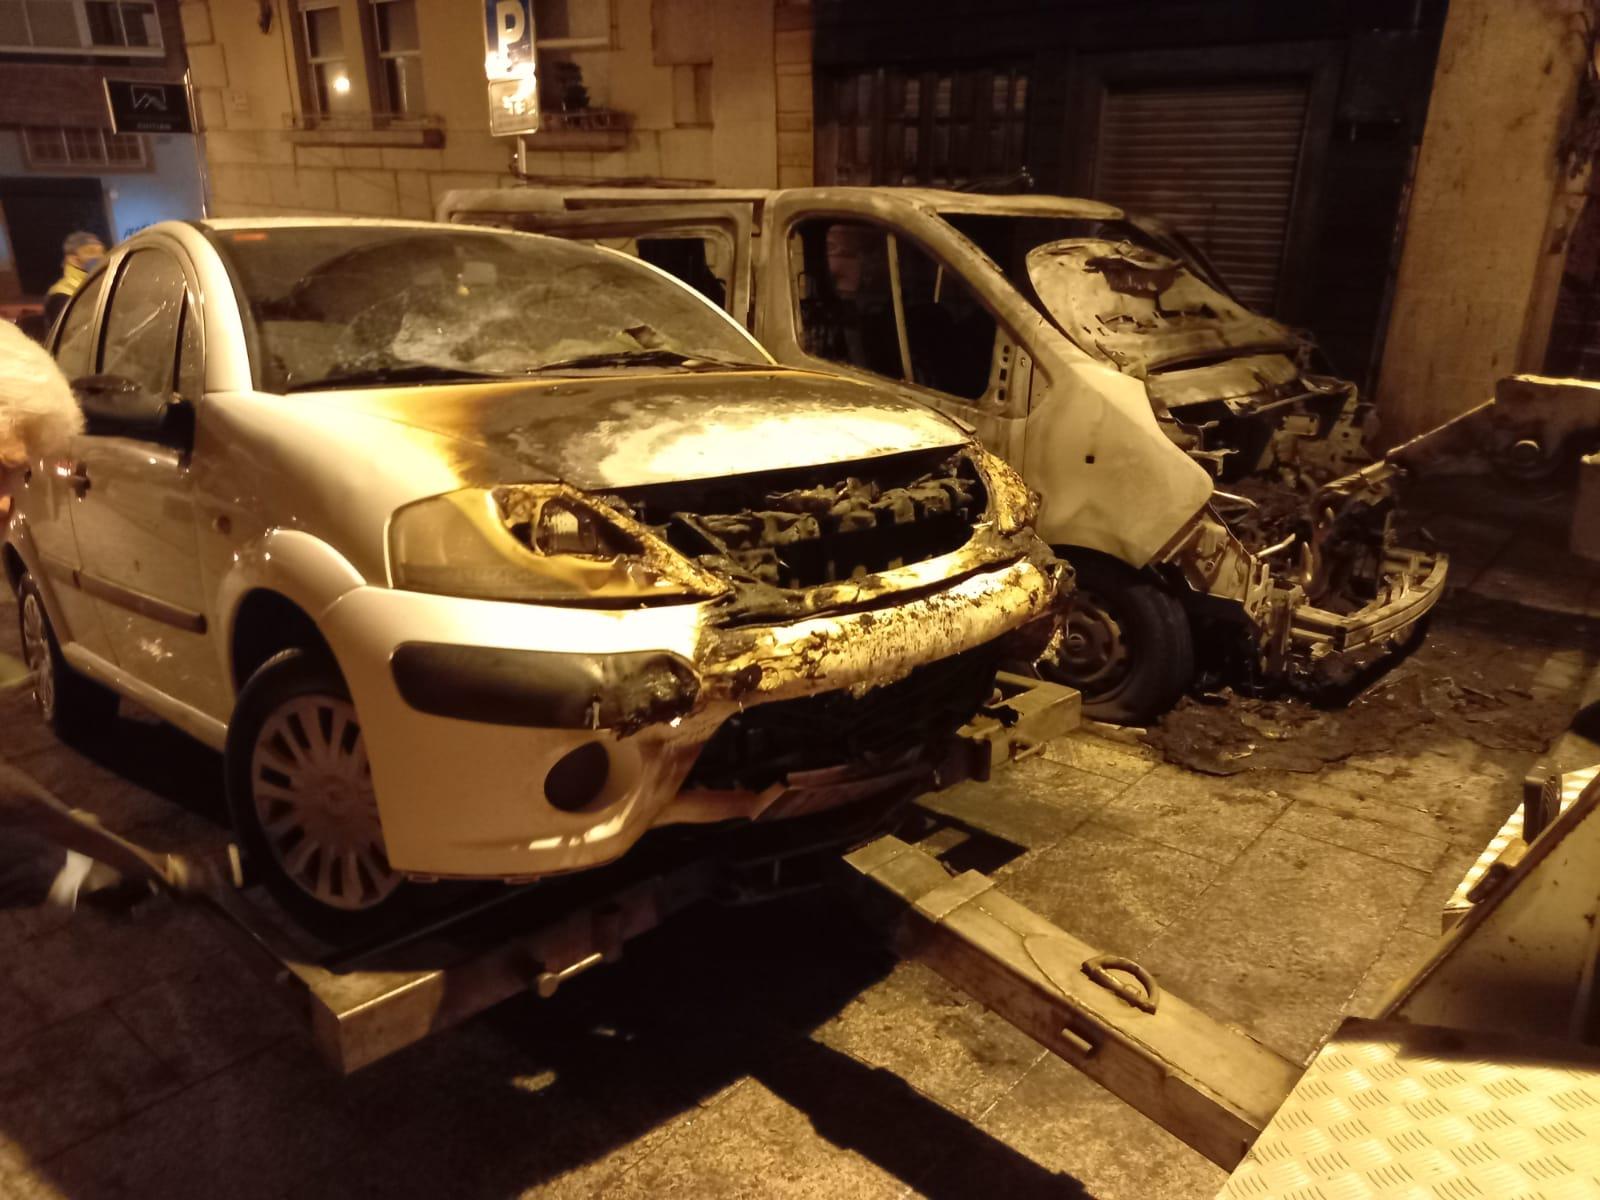 Furgoneta quemada Vigo